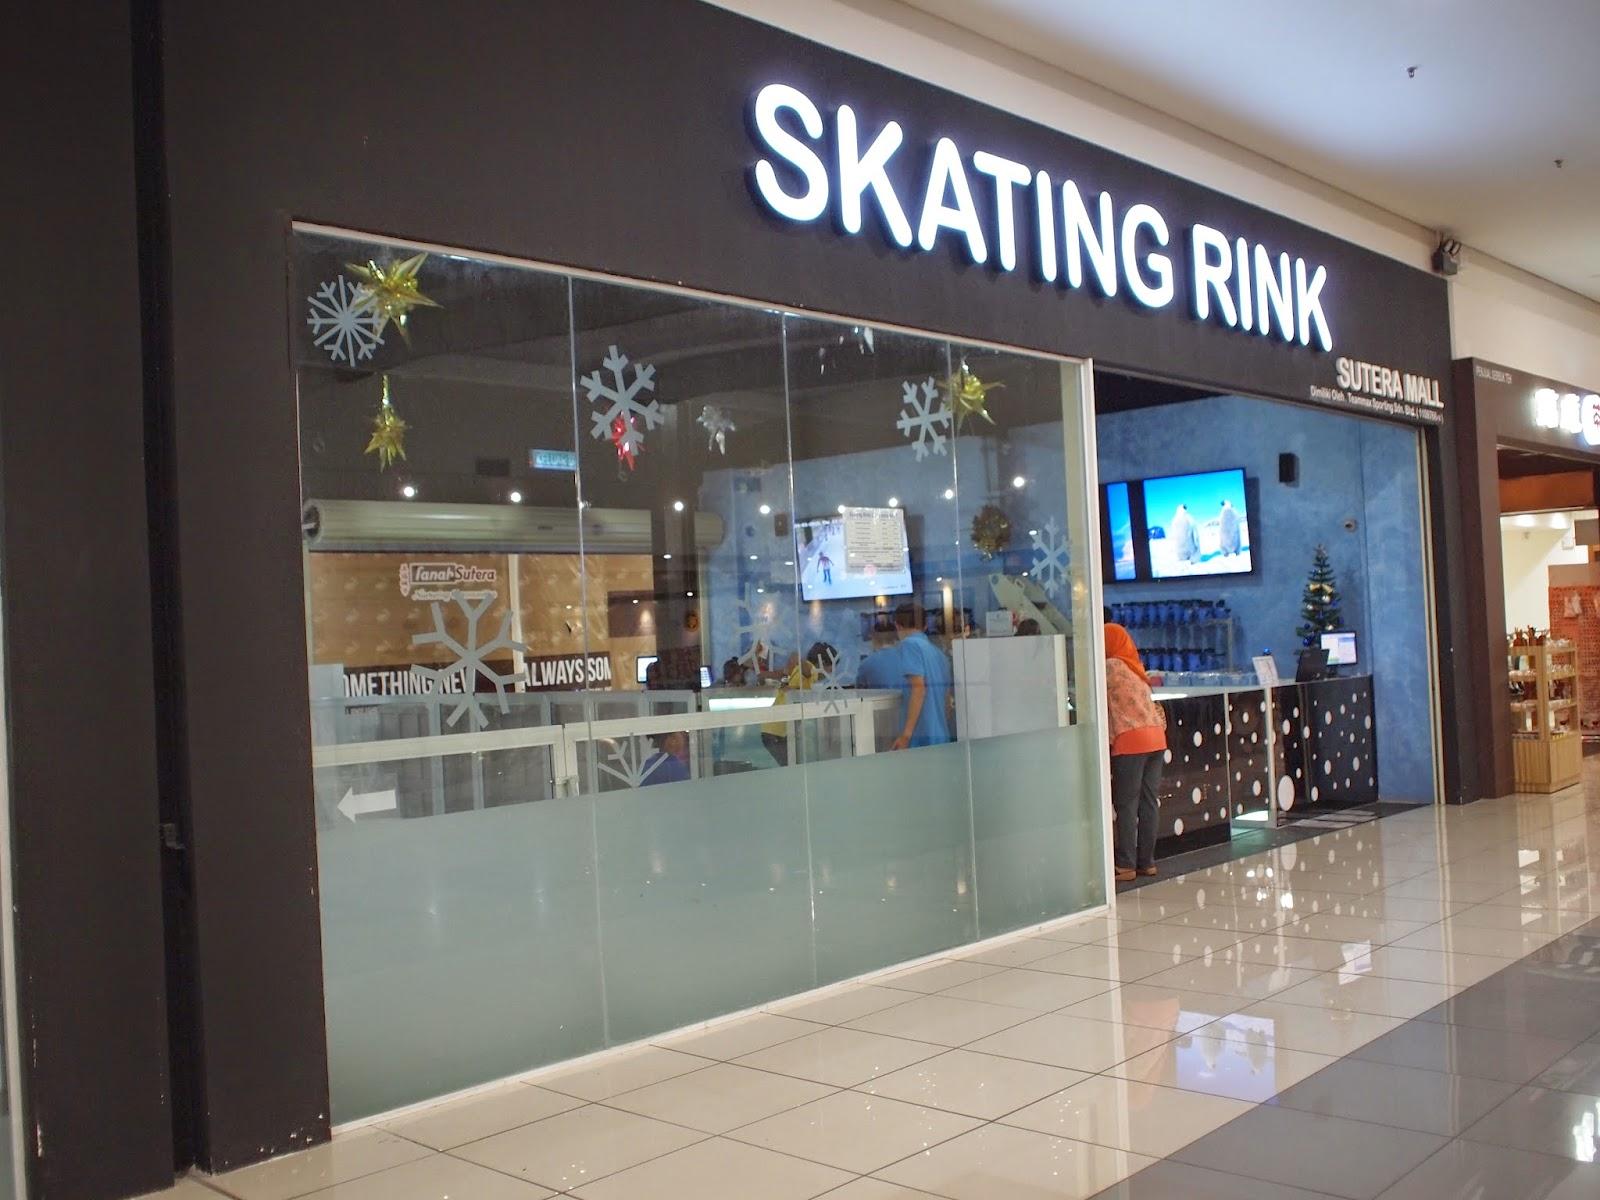 Skating Rink, Sutera Mall